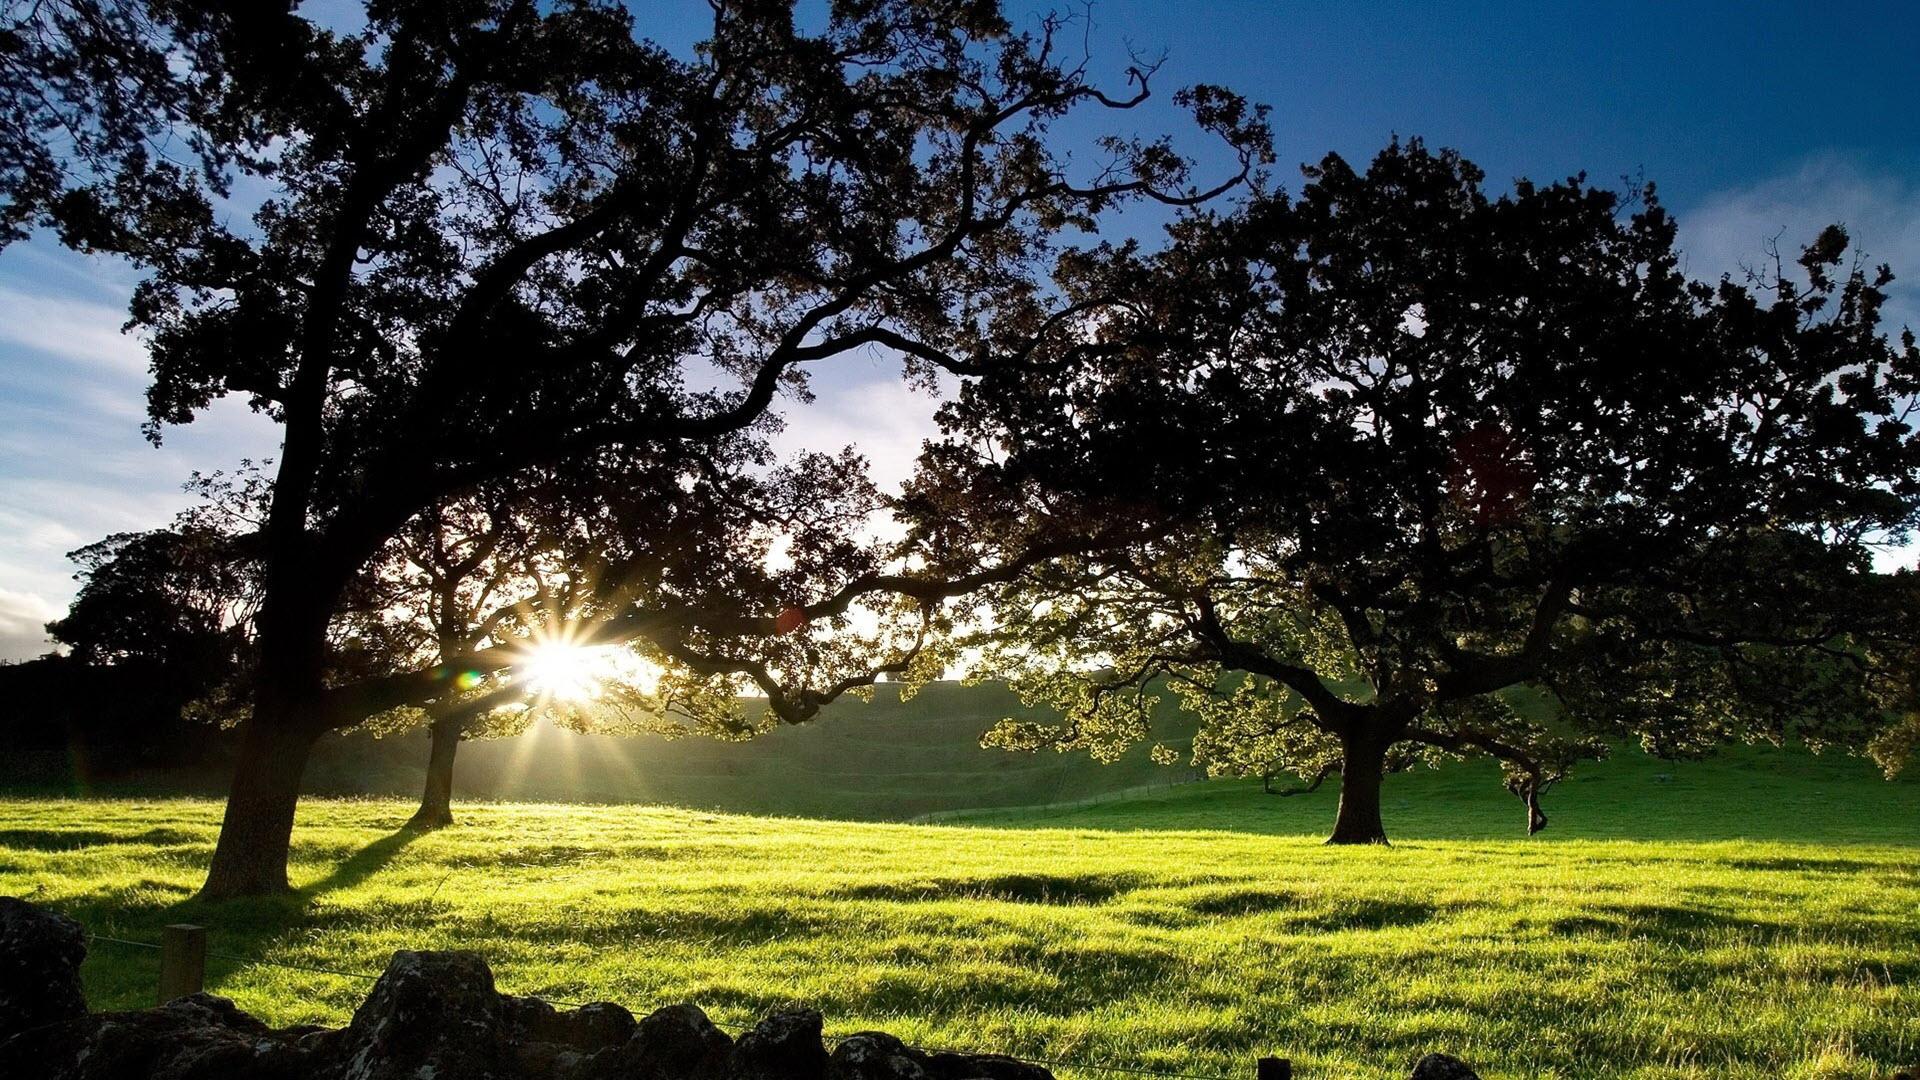 Hình nền phong cảnh bình minh